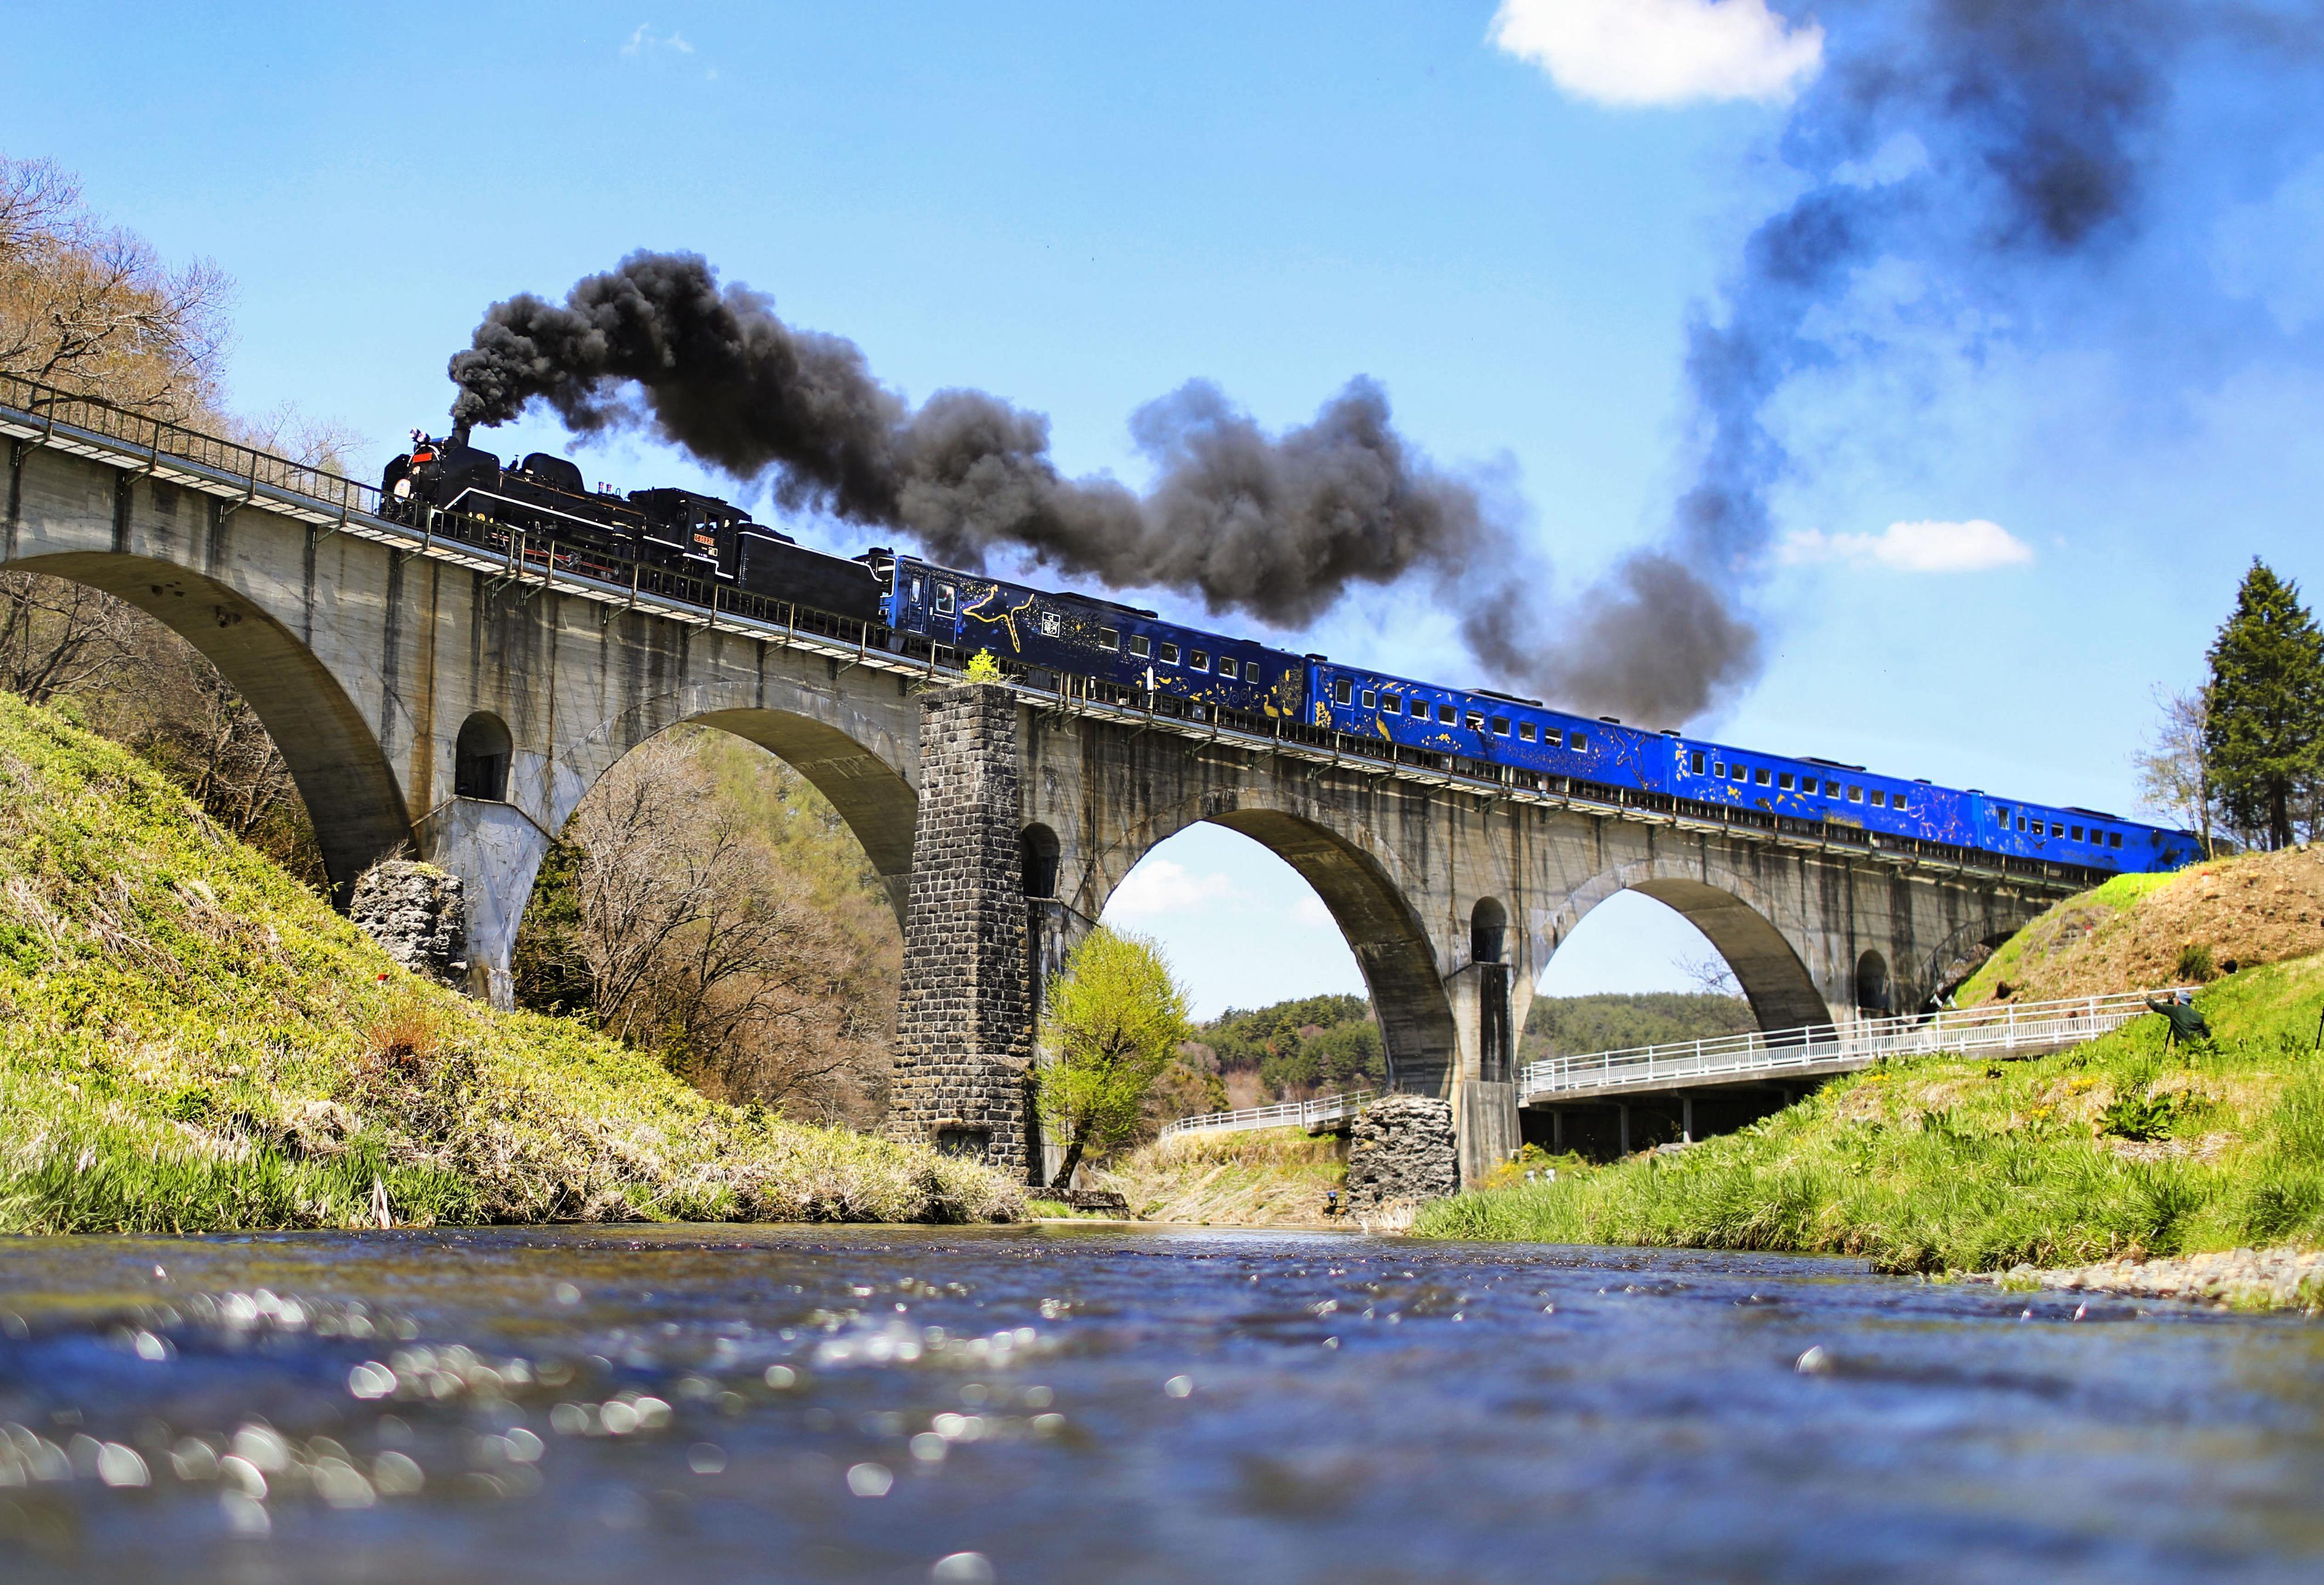 勢いよく煙を上げて、半円が連なるアーチ型の通称「めがね橋」を駆け抜ける蒸気機関車「SL銀河」=岩手県遠野市